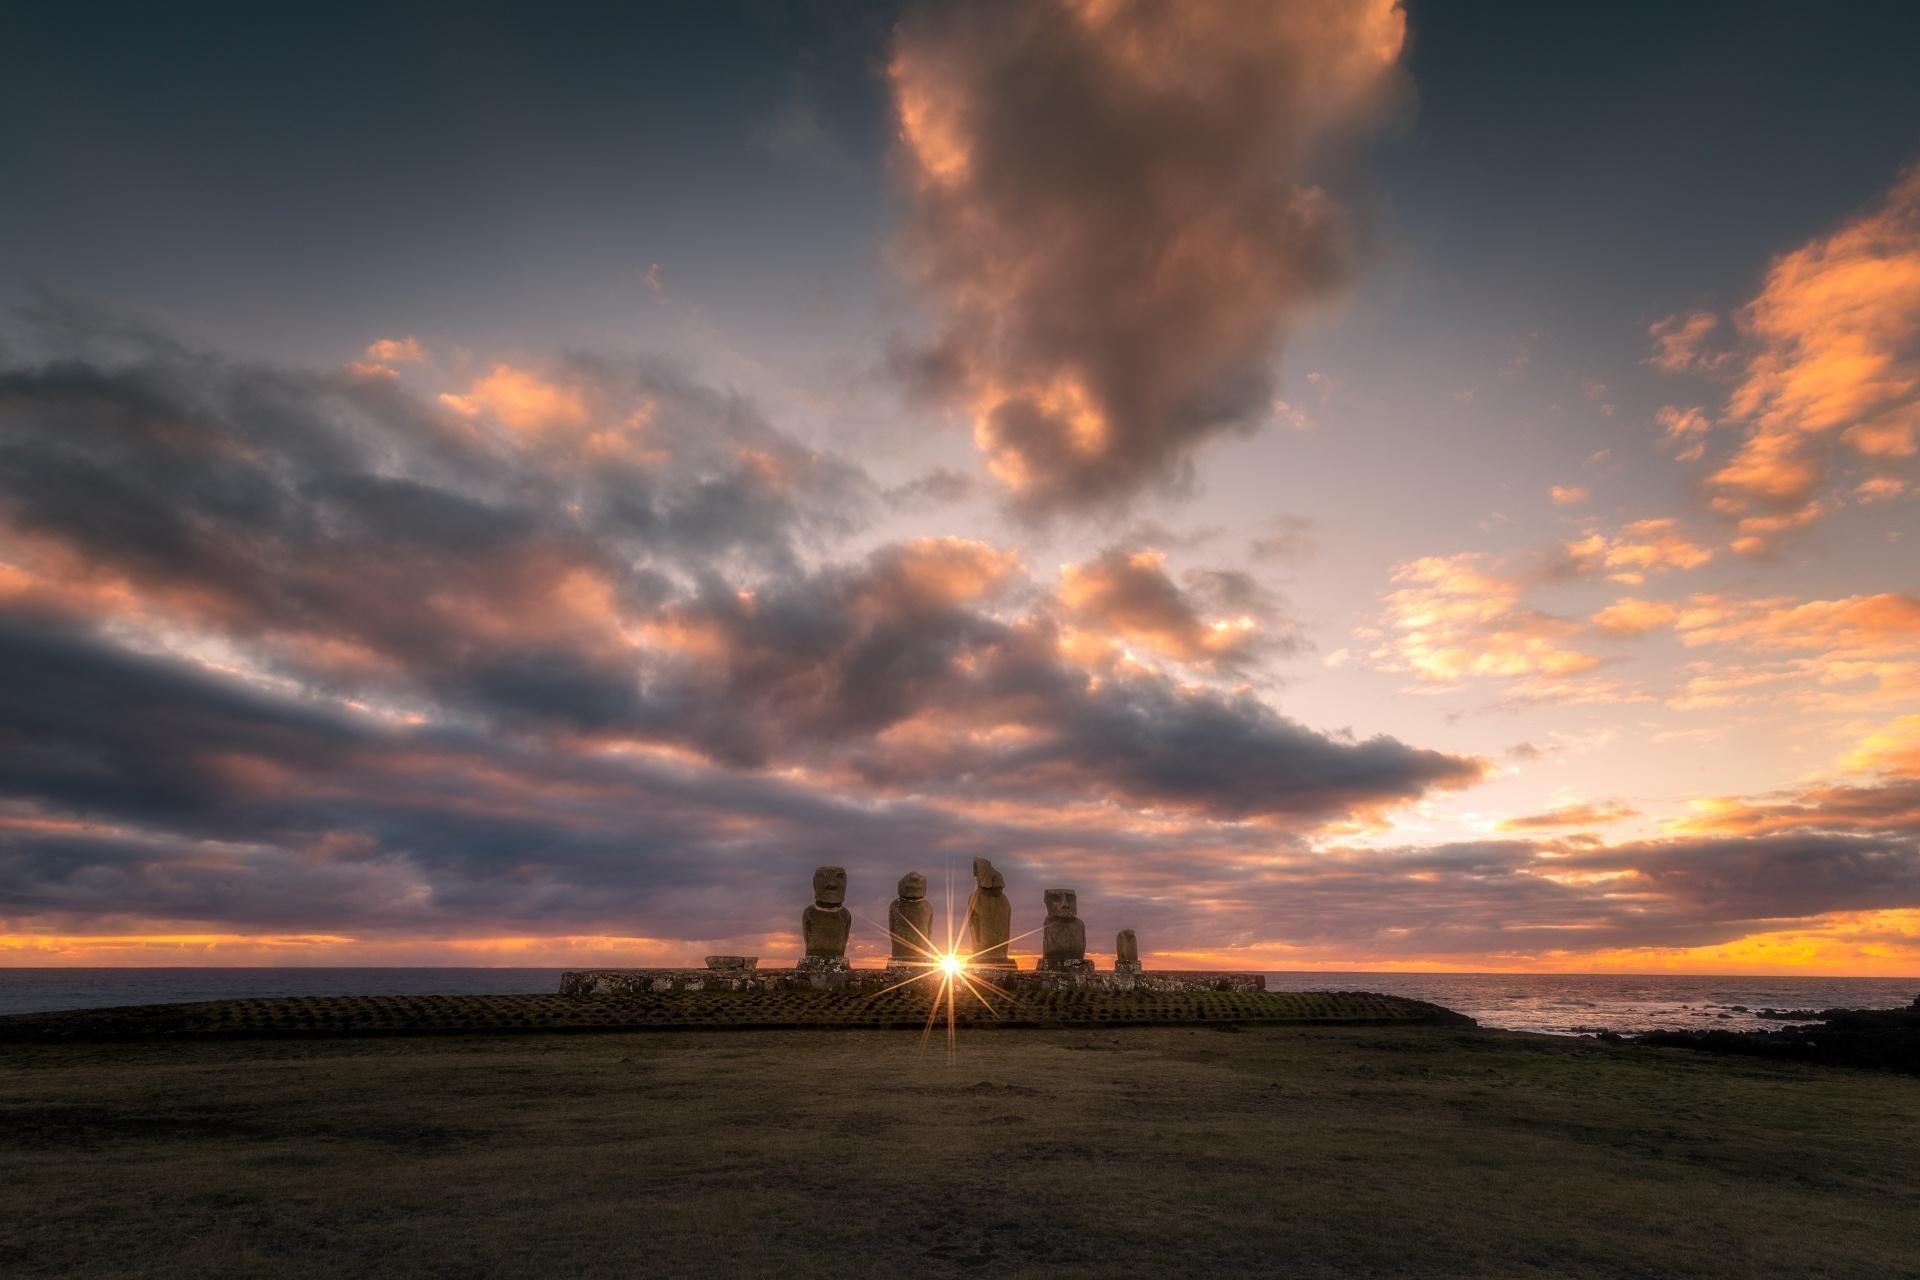 イースター島 壮大なモアイ像の後ろに沈む夕日の風景 チリの風景